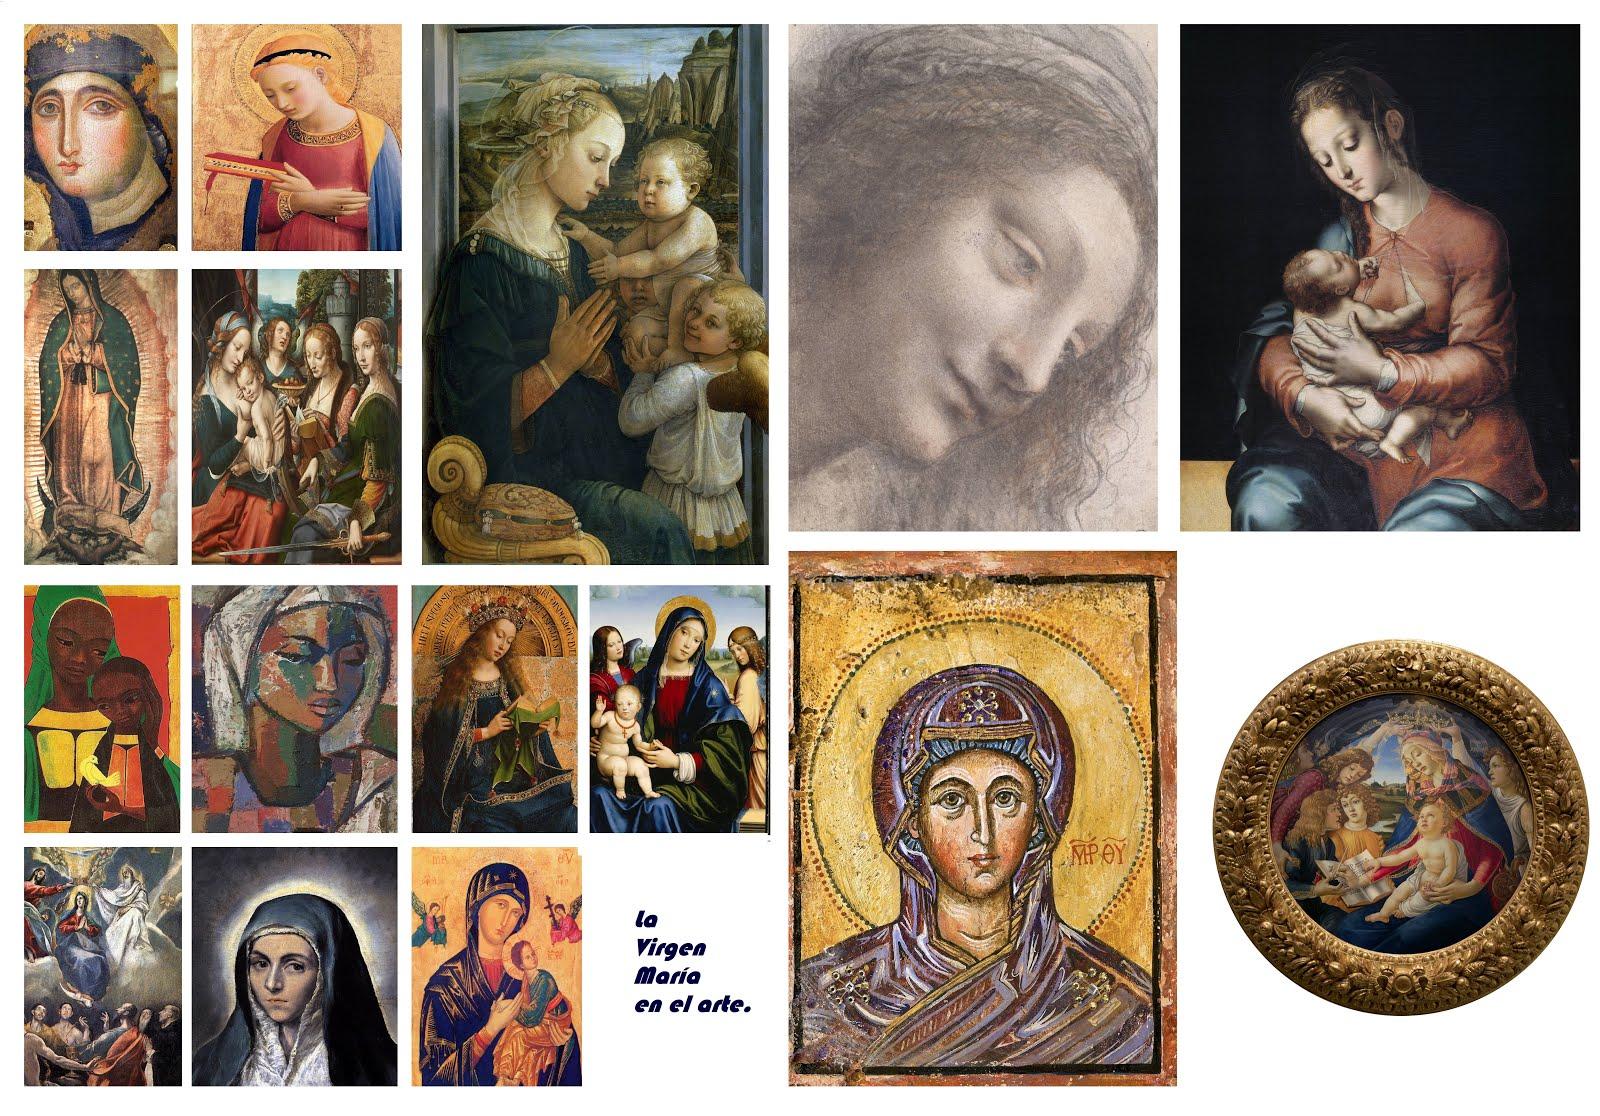 16 lindas imágenes de la Virgen María en el arte.